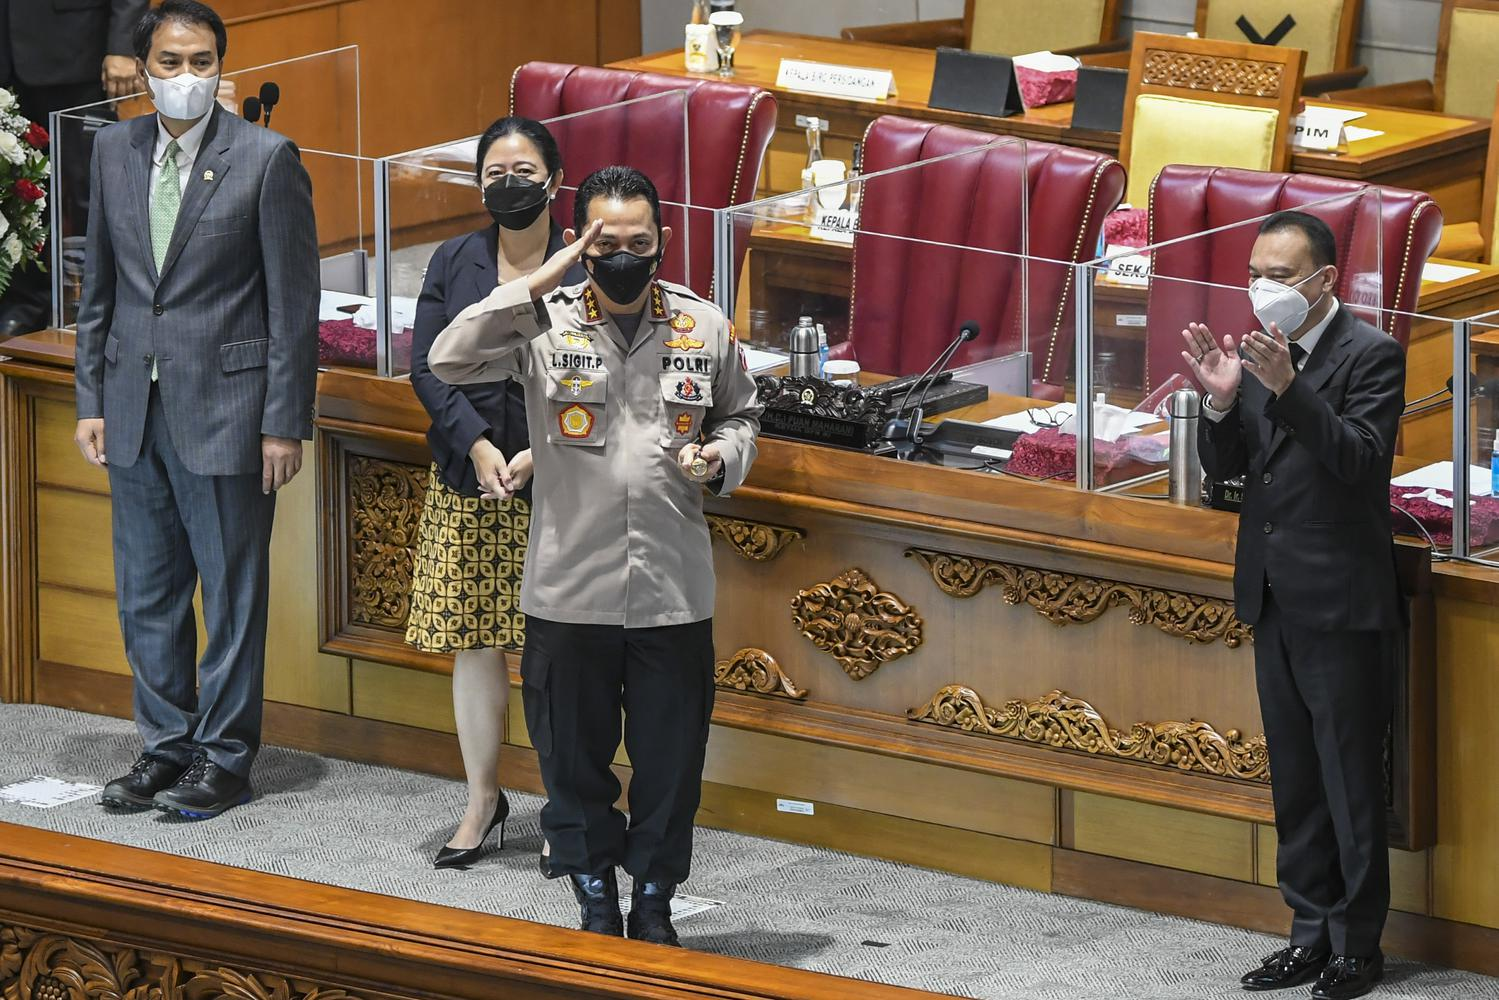 Calon Kapolri Komjen Pol Listyo Sigit Prabowo (kedua kanan) disaksikan Ketua DPR Puan Maharani (kedua kiri), Wakil Ketua DPR Aziz Syamsuddin (kiri) dan Sufmi Dasco Ahmad (kanan) memberi hormat usai sidang paripurna di kompleks Parlemen, Jakarta, Kamis (21/1/2021). DPR menyepakati penetapan Komjen Pol Listyo Sigit Prabowo sebagai Kapolri setelah melalui uji kepatutan dan kelayakan di Komisi III DPR.